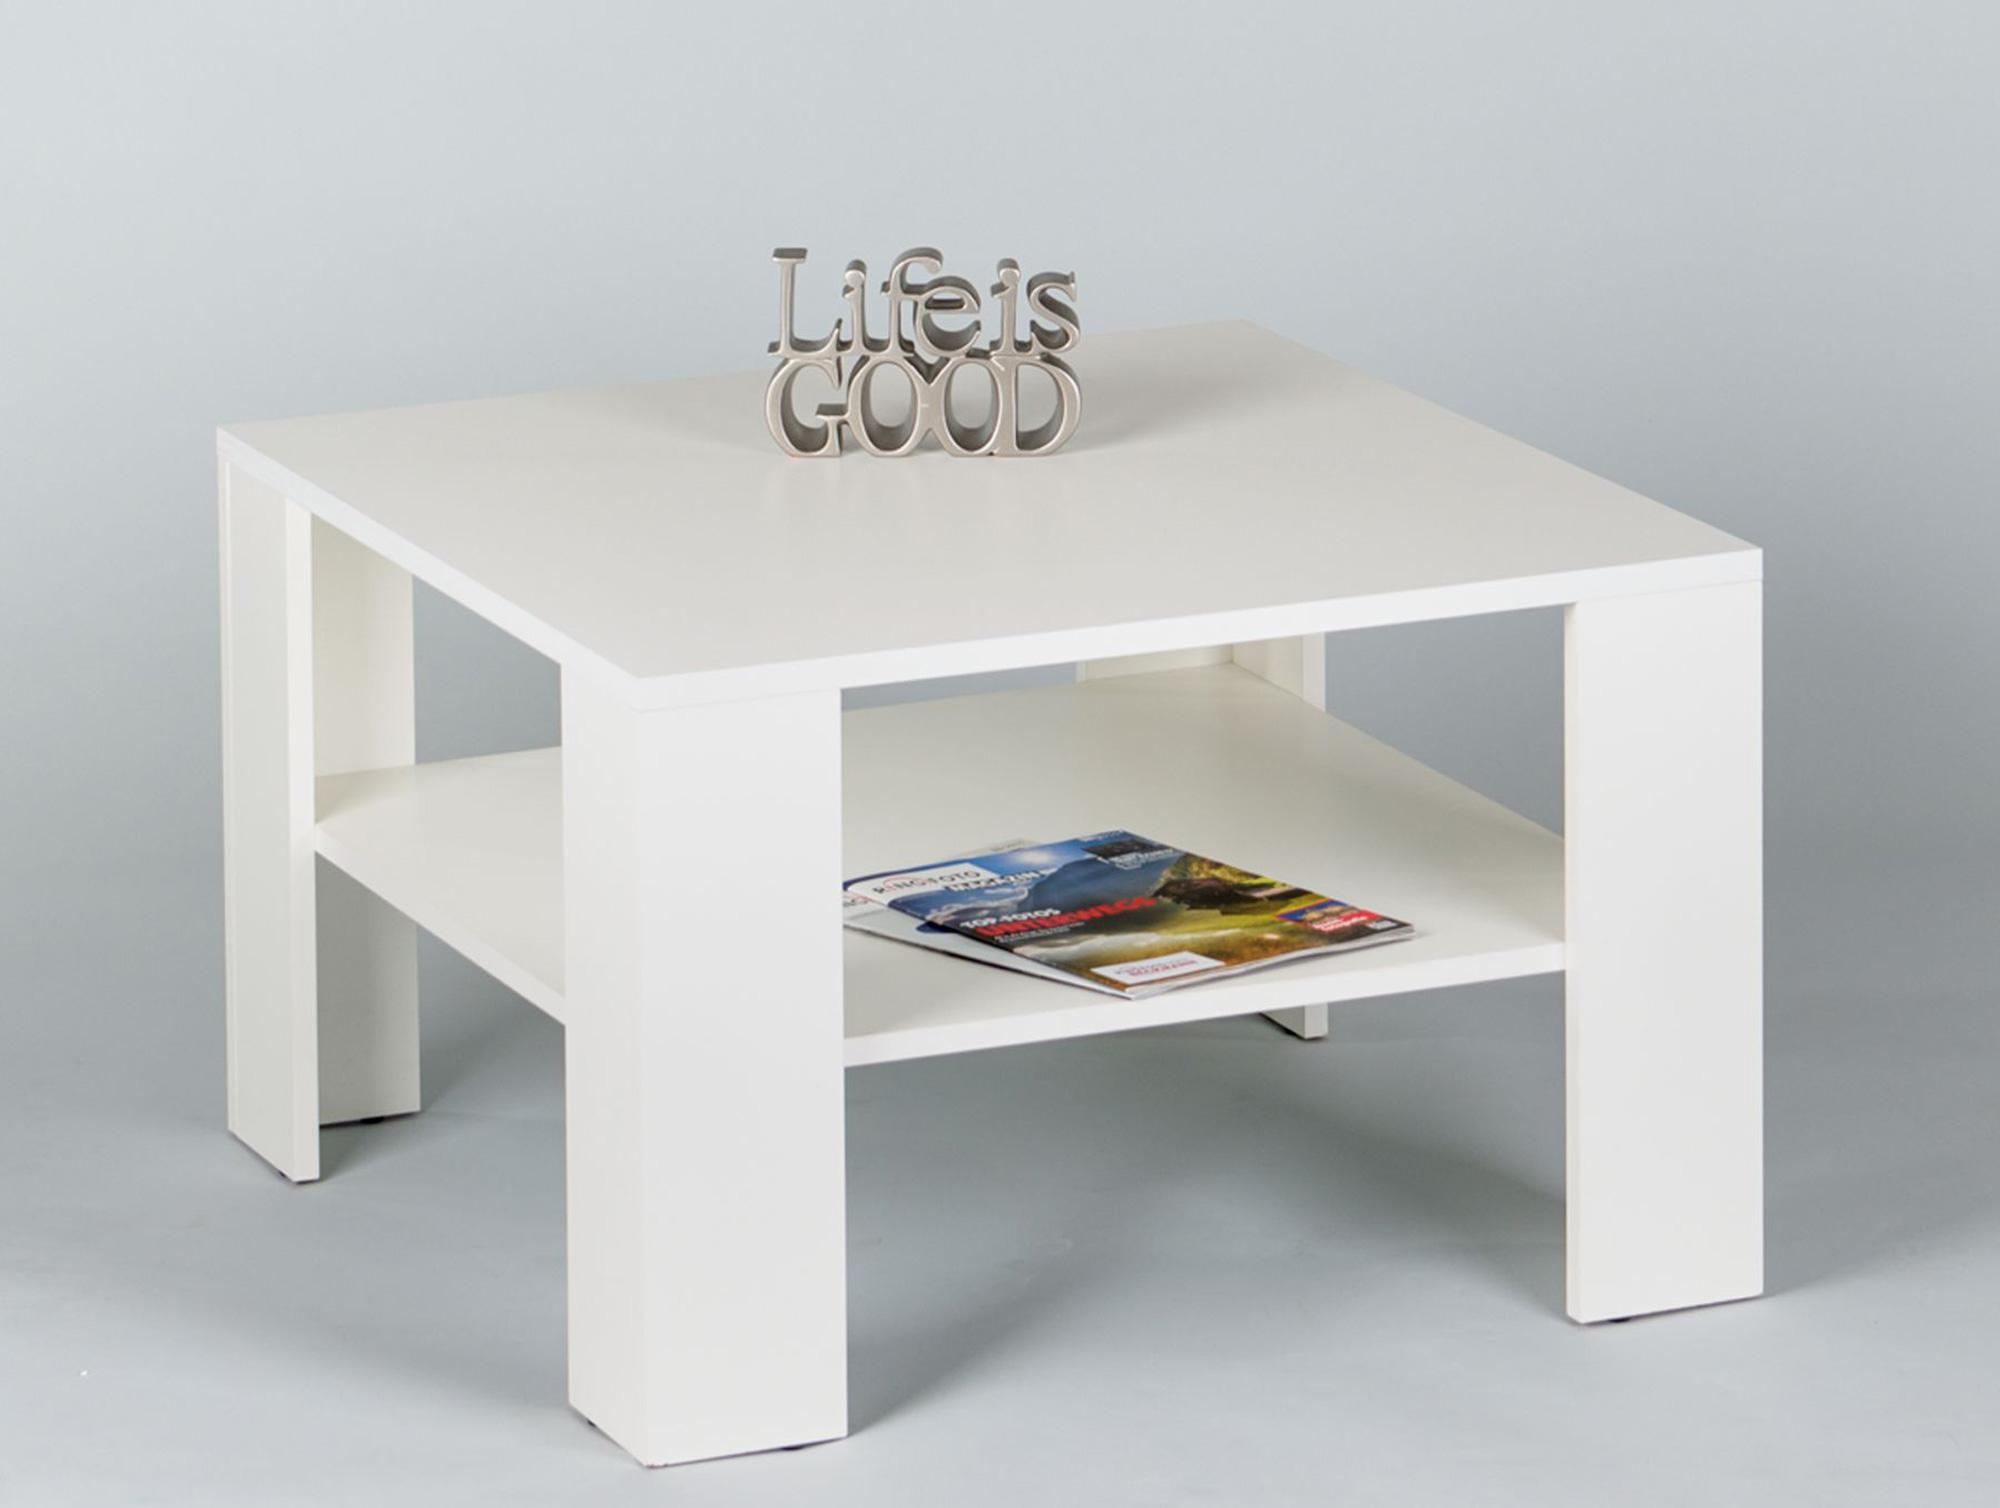 janne g nstiger couchtisch wohnzimmertisch tisch 70x70 dekor wei weiss ablage ebay. Black Bedroom Furniture Sets. Home Design Ideas